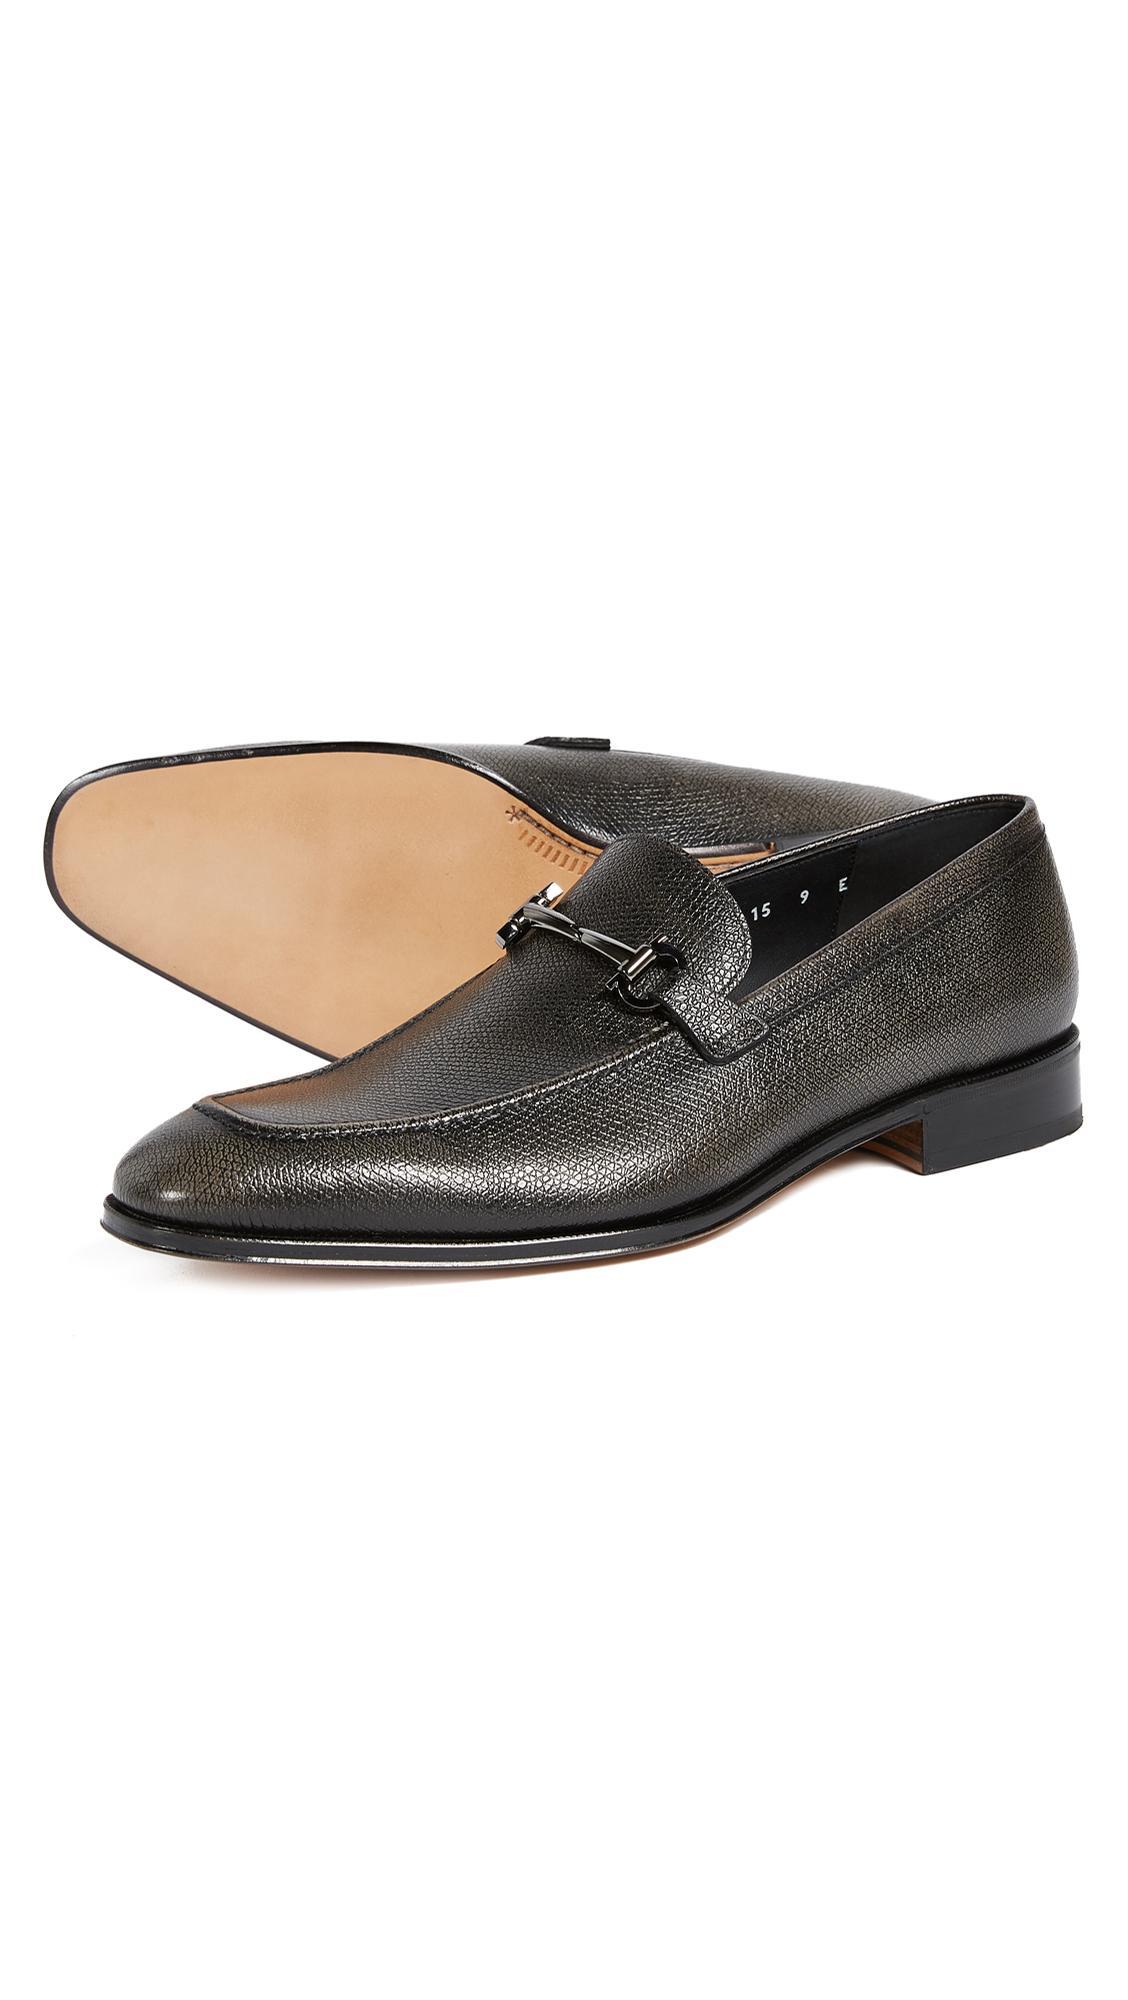 f16f39565cf Lyst - Ferragamo Fenice Bit Loafers in Black for Men